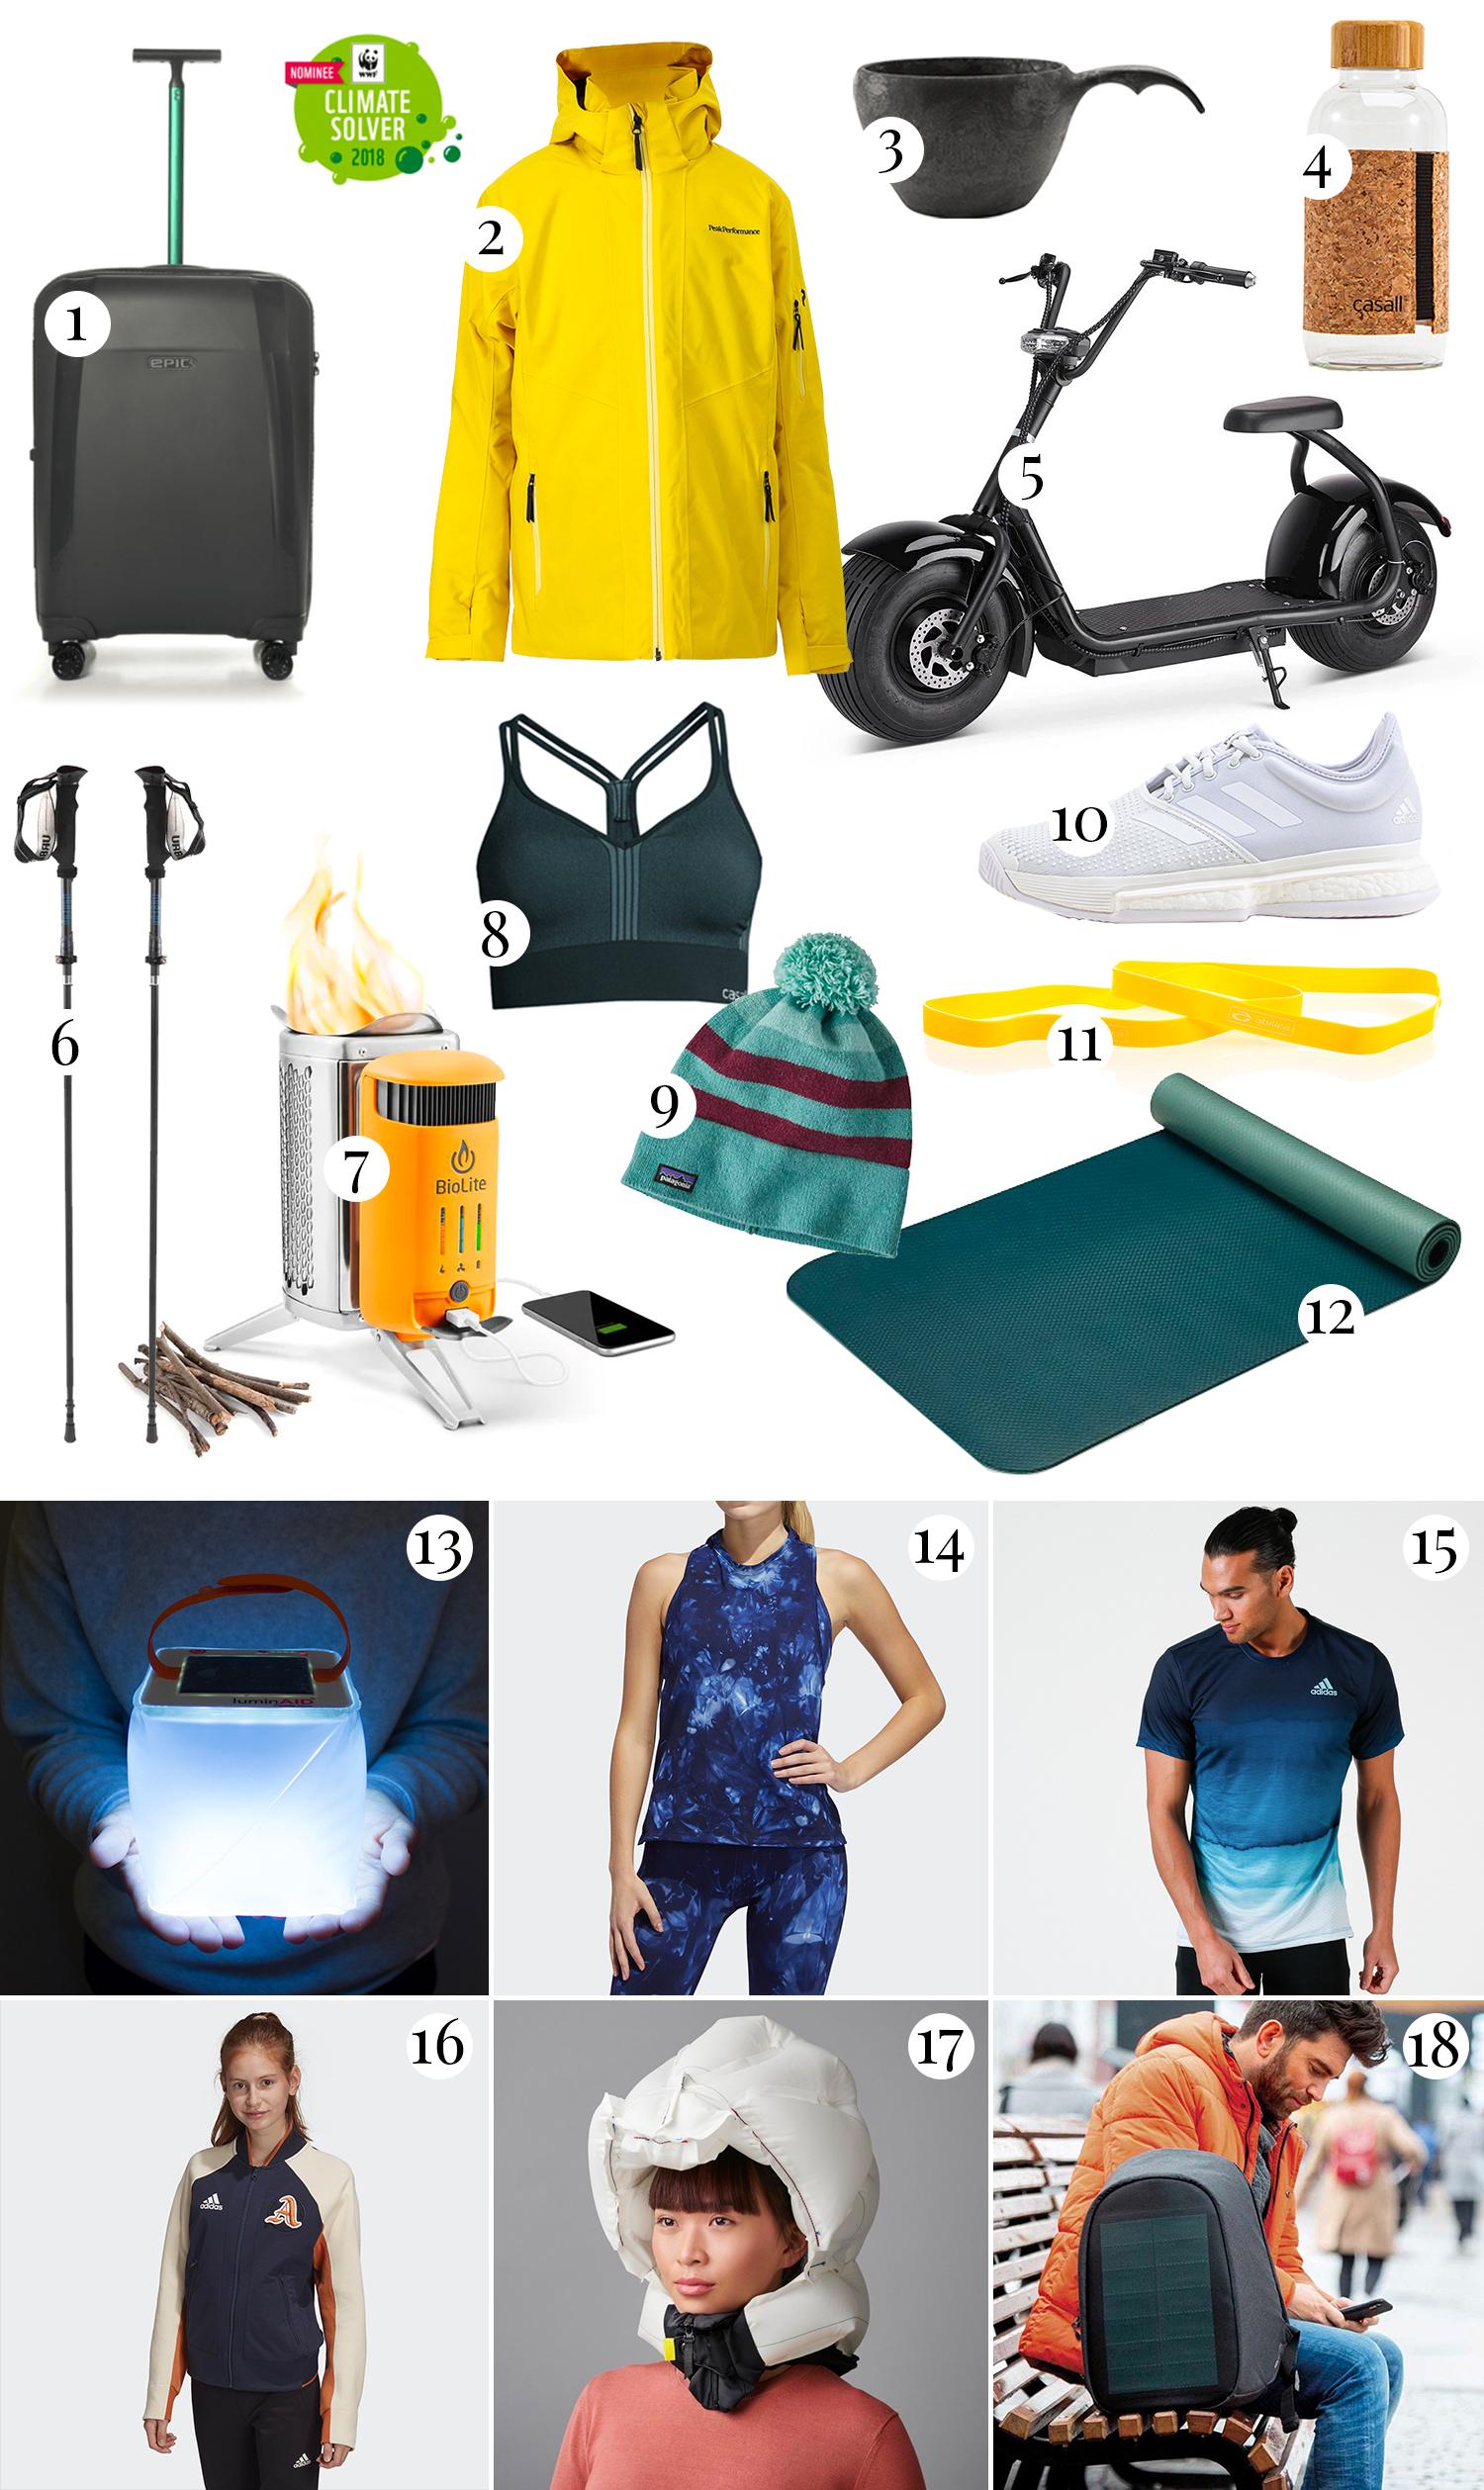 Medvetna träningskläder & julklappstips inom outdoor & resor